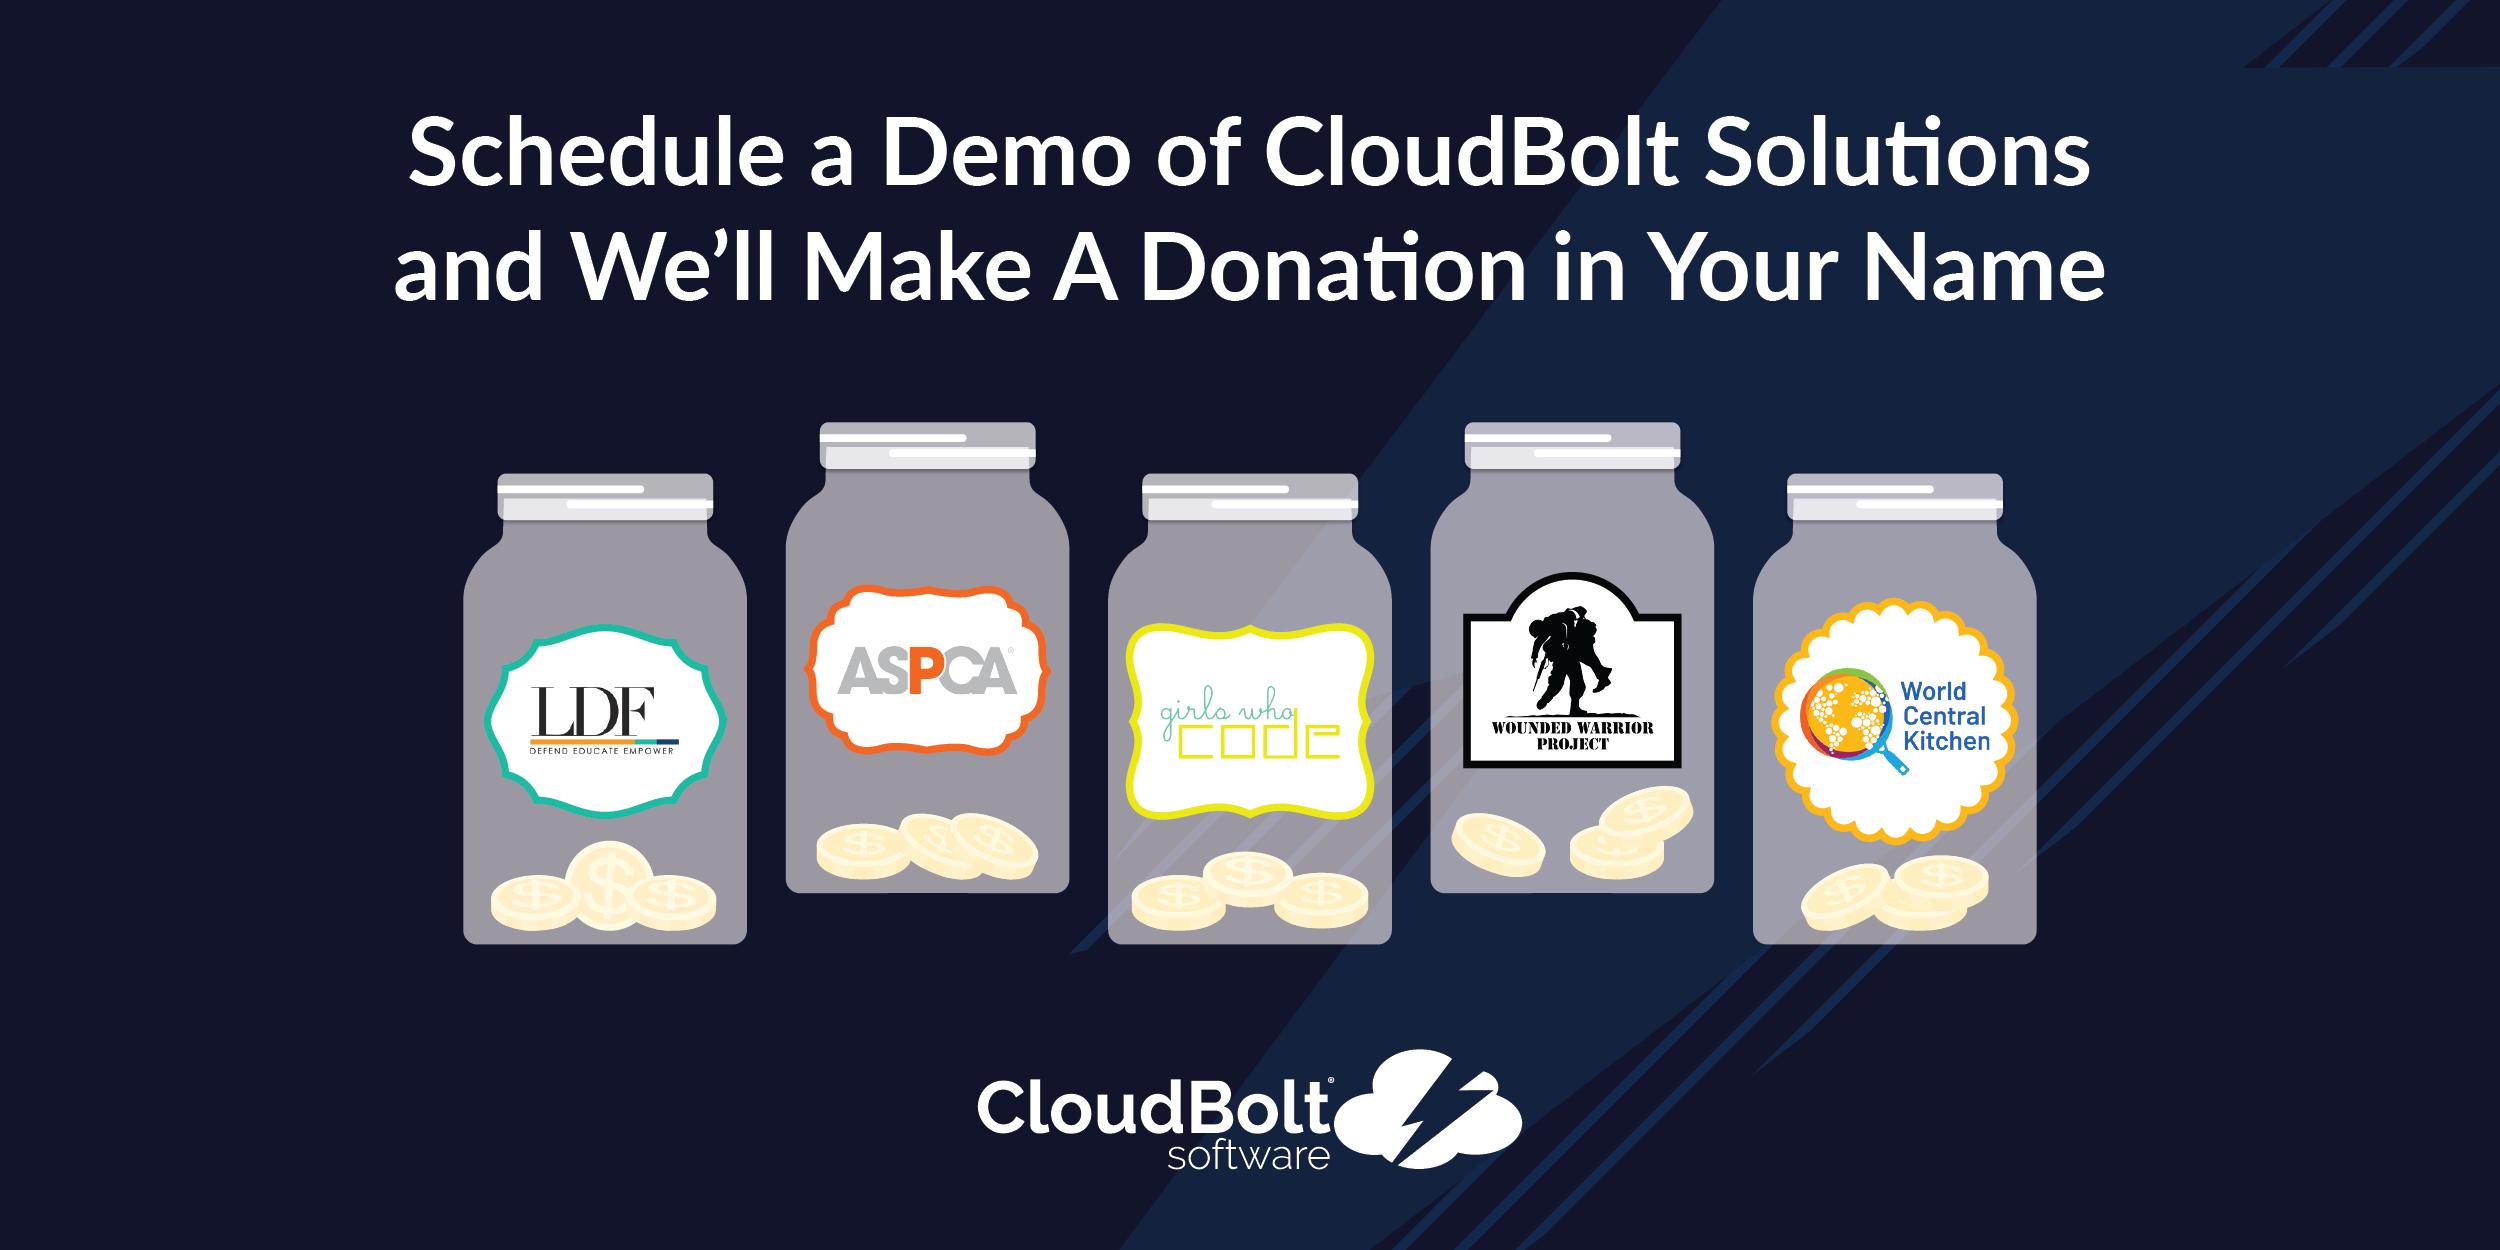 Cloudbolt - vmworld 2020 - A